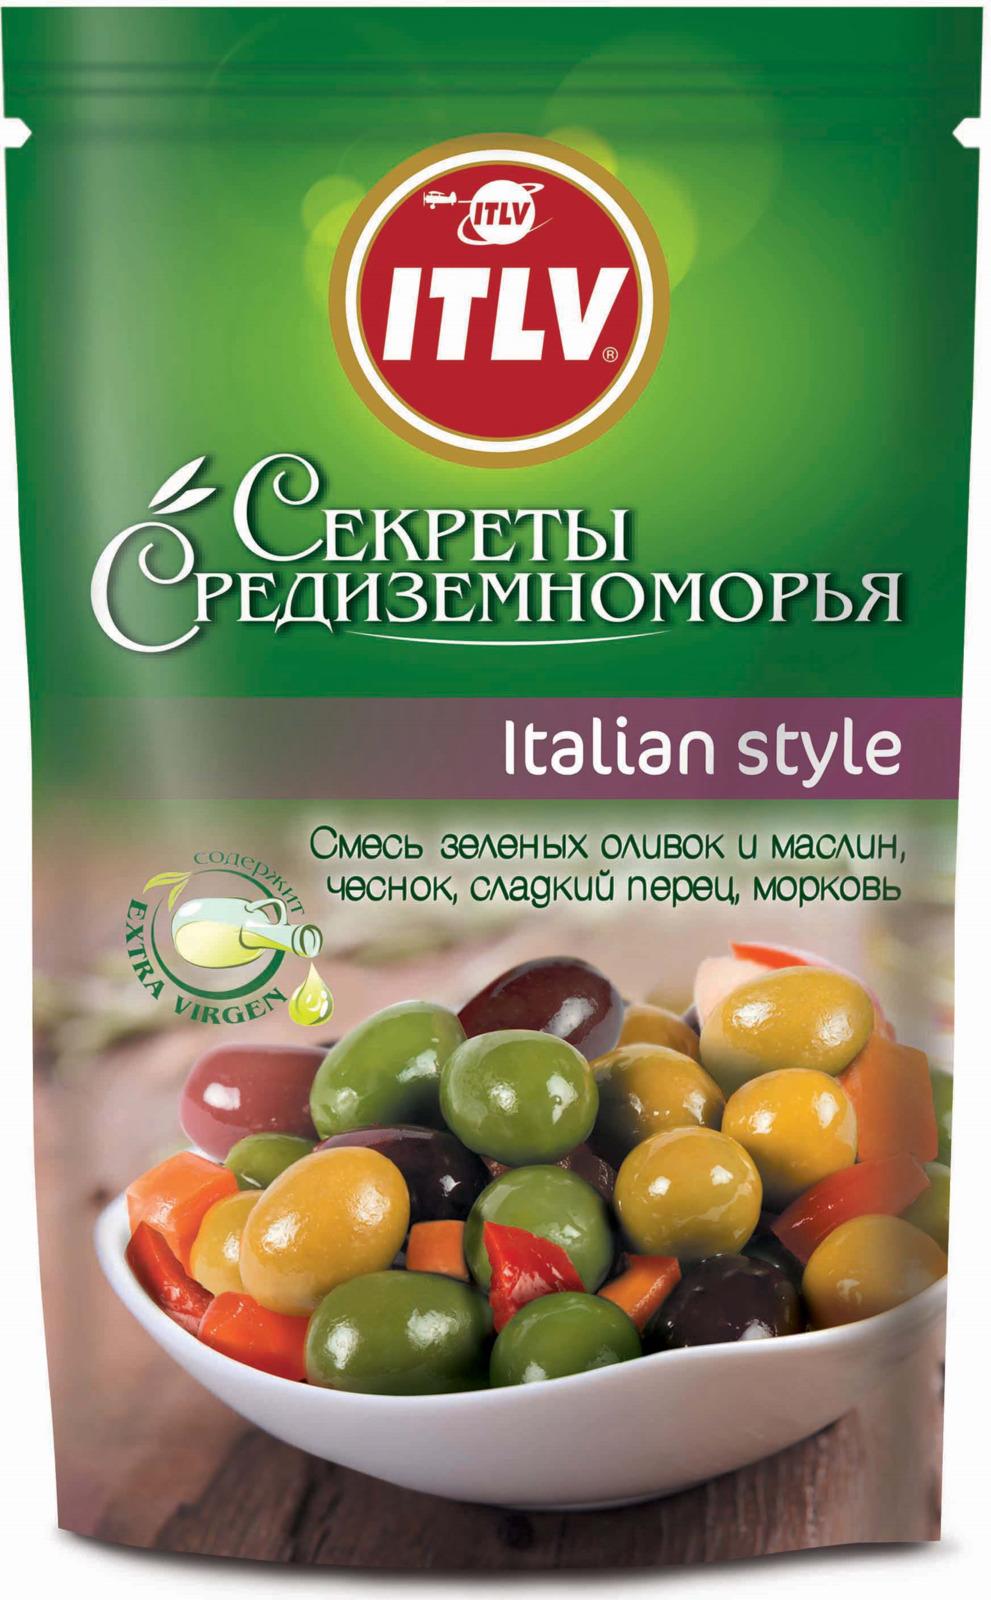 Ассорти оливок и маслин ITLV Italian Style, 350 г